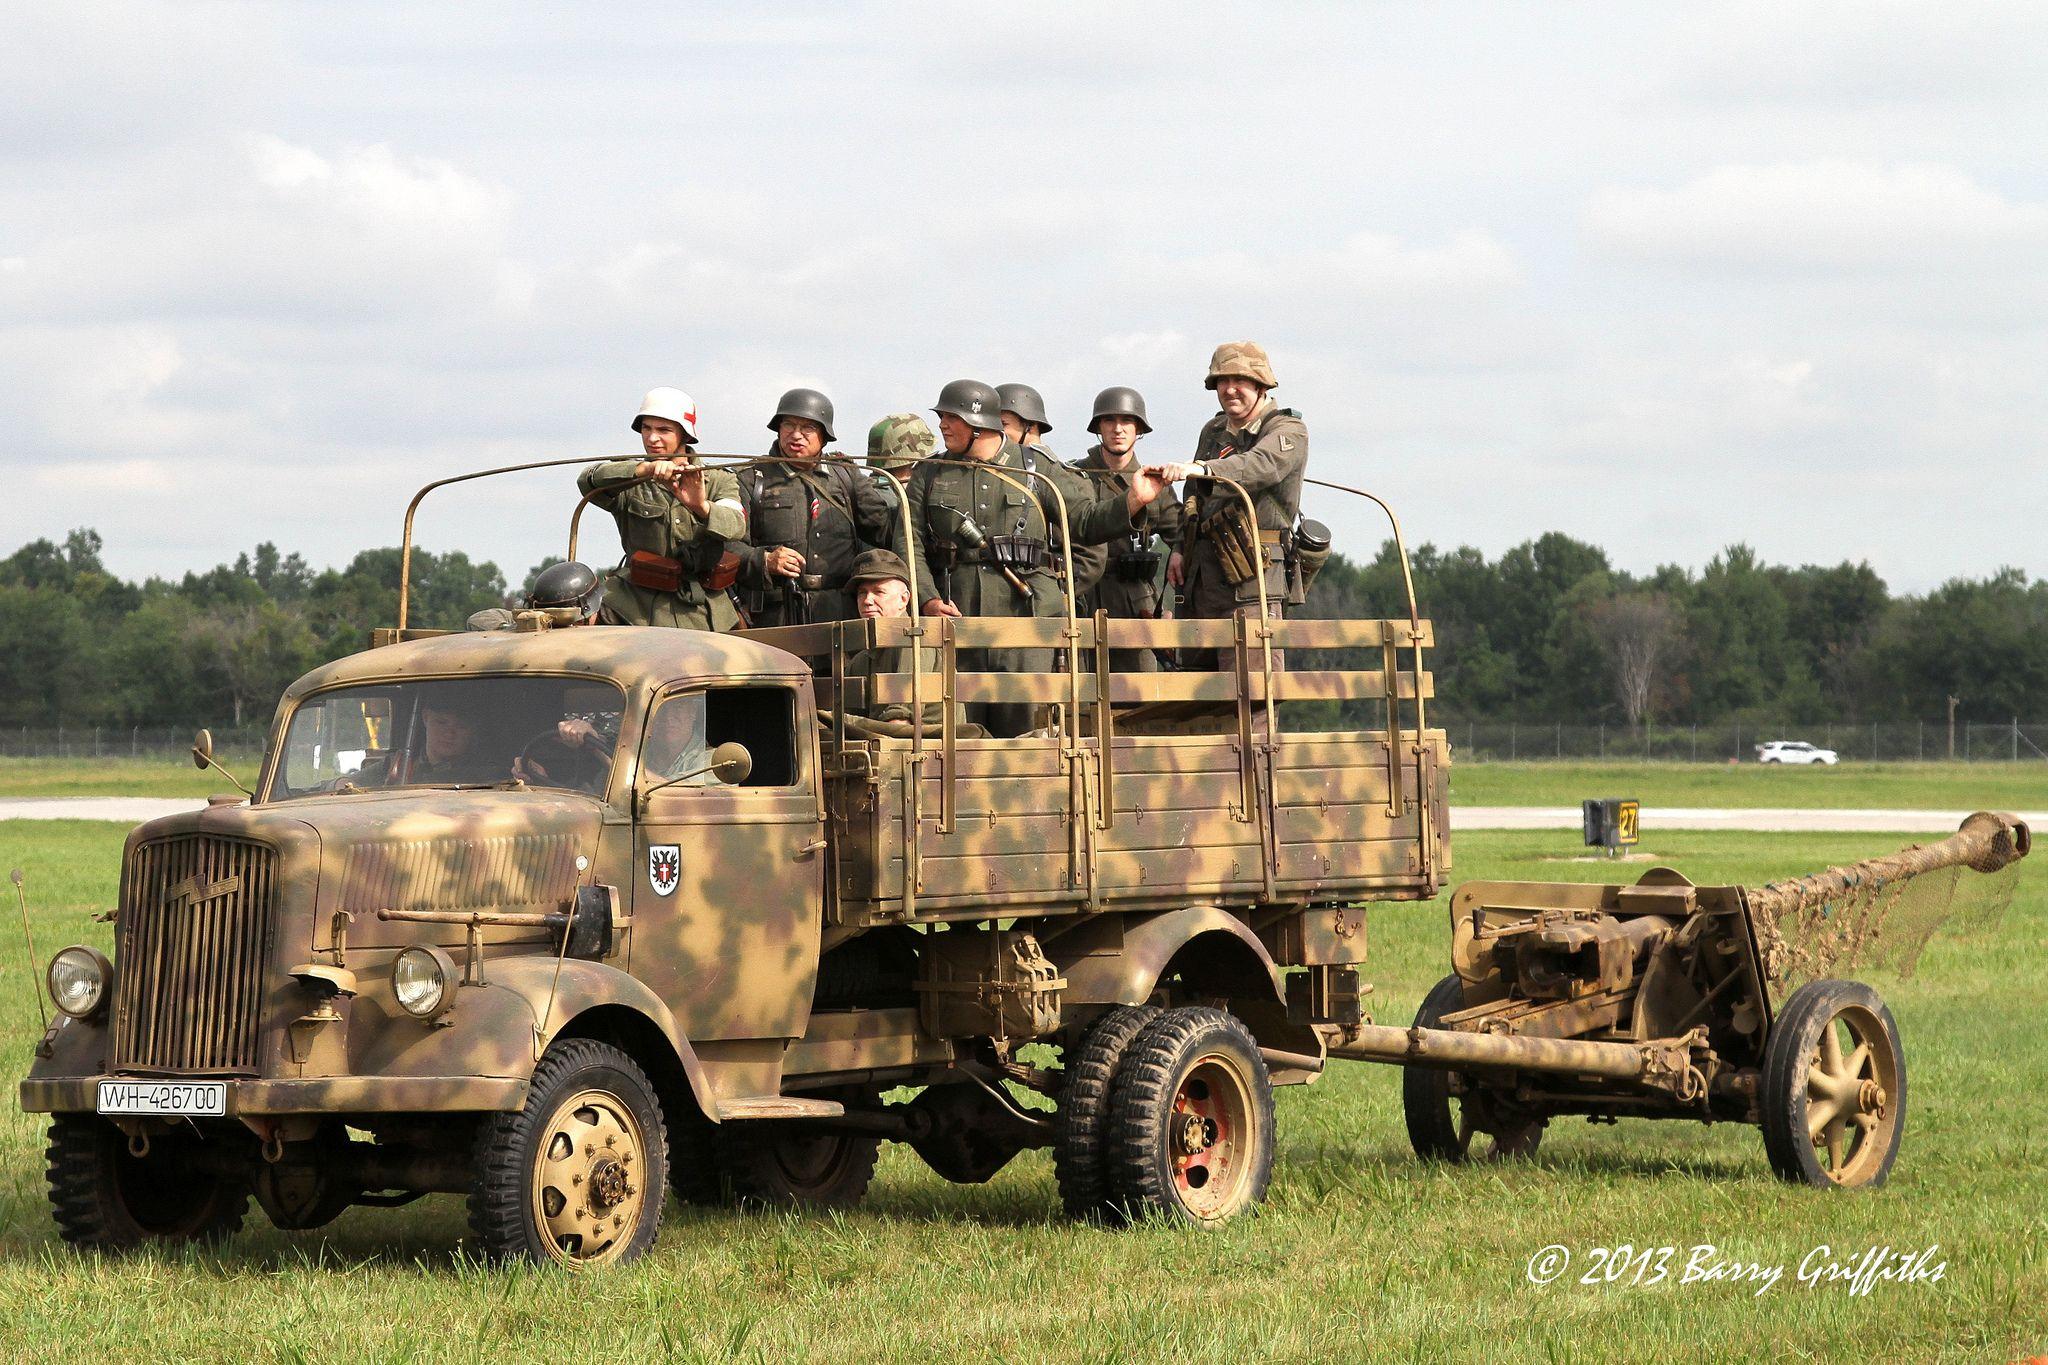 German Army Opel-Blitz cargo truck | German army, Army truck, Trucks